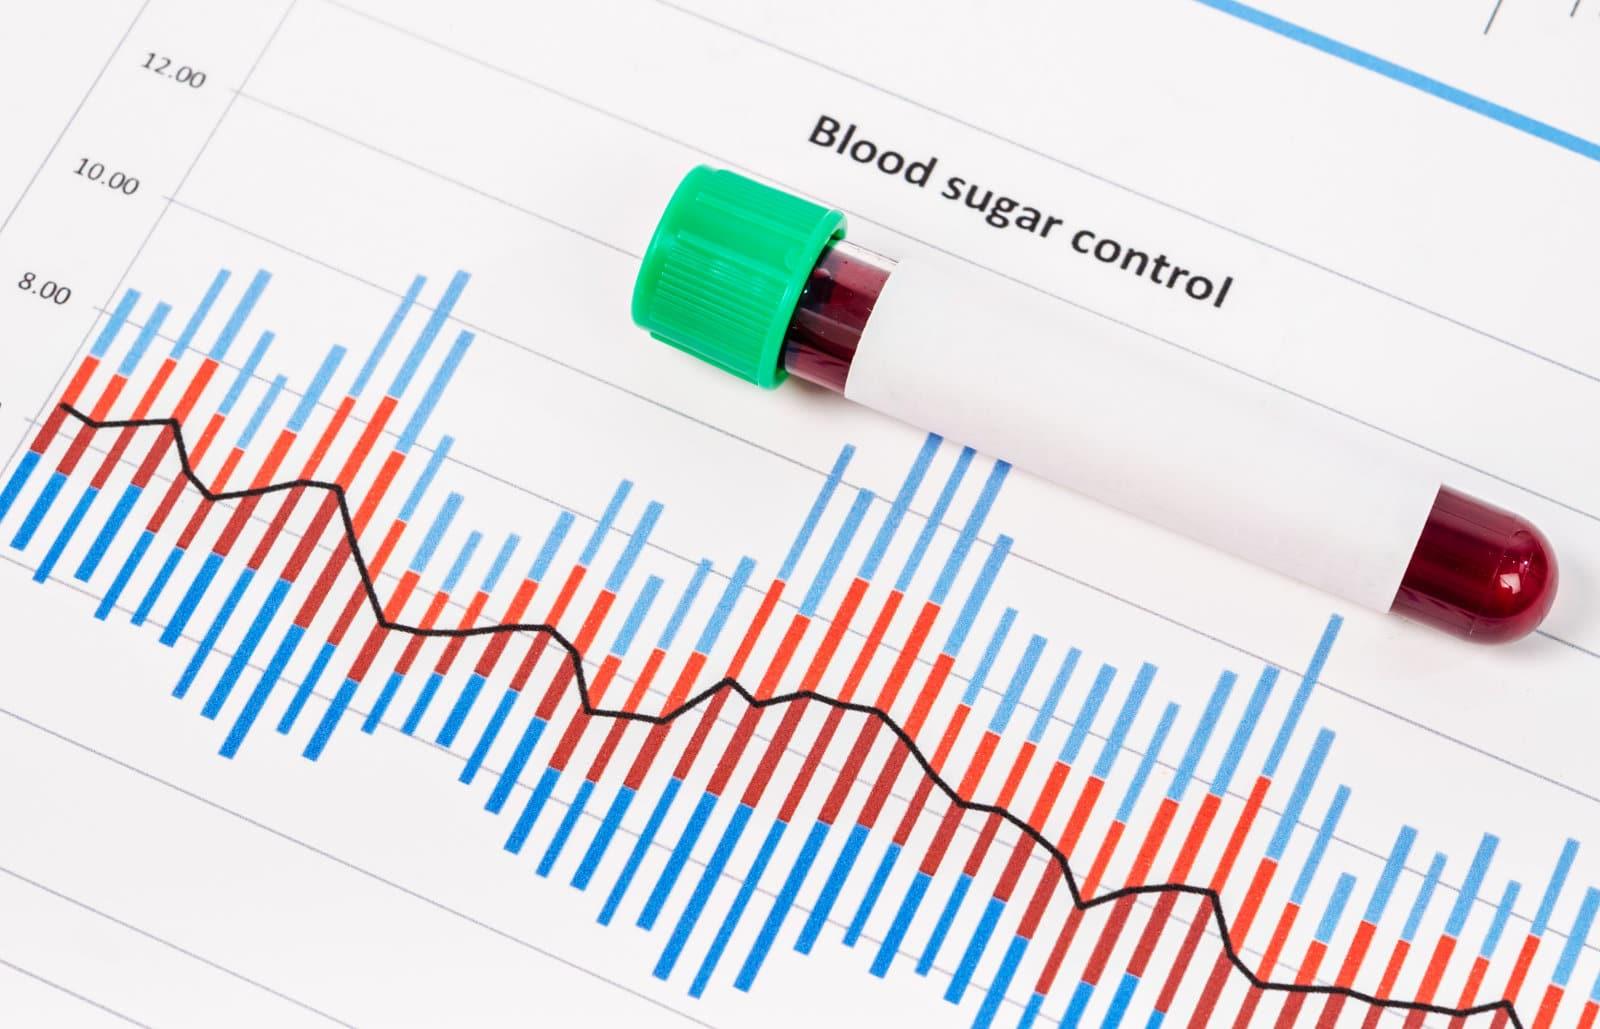 روکیدا | شناسایی زودتر دیابت نوع ۱ با هوش مصنوعی! | بهداشت و درمان, سلامت روان, هوش مصنوعی, پزشکی